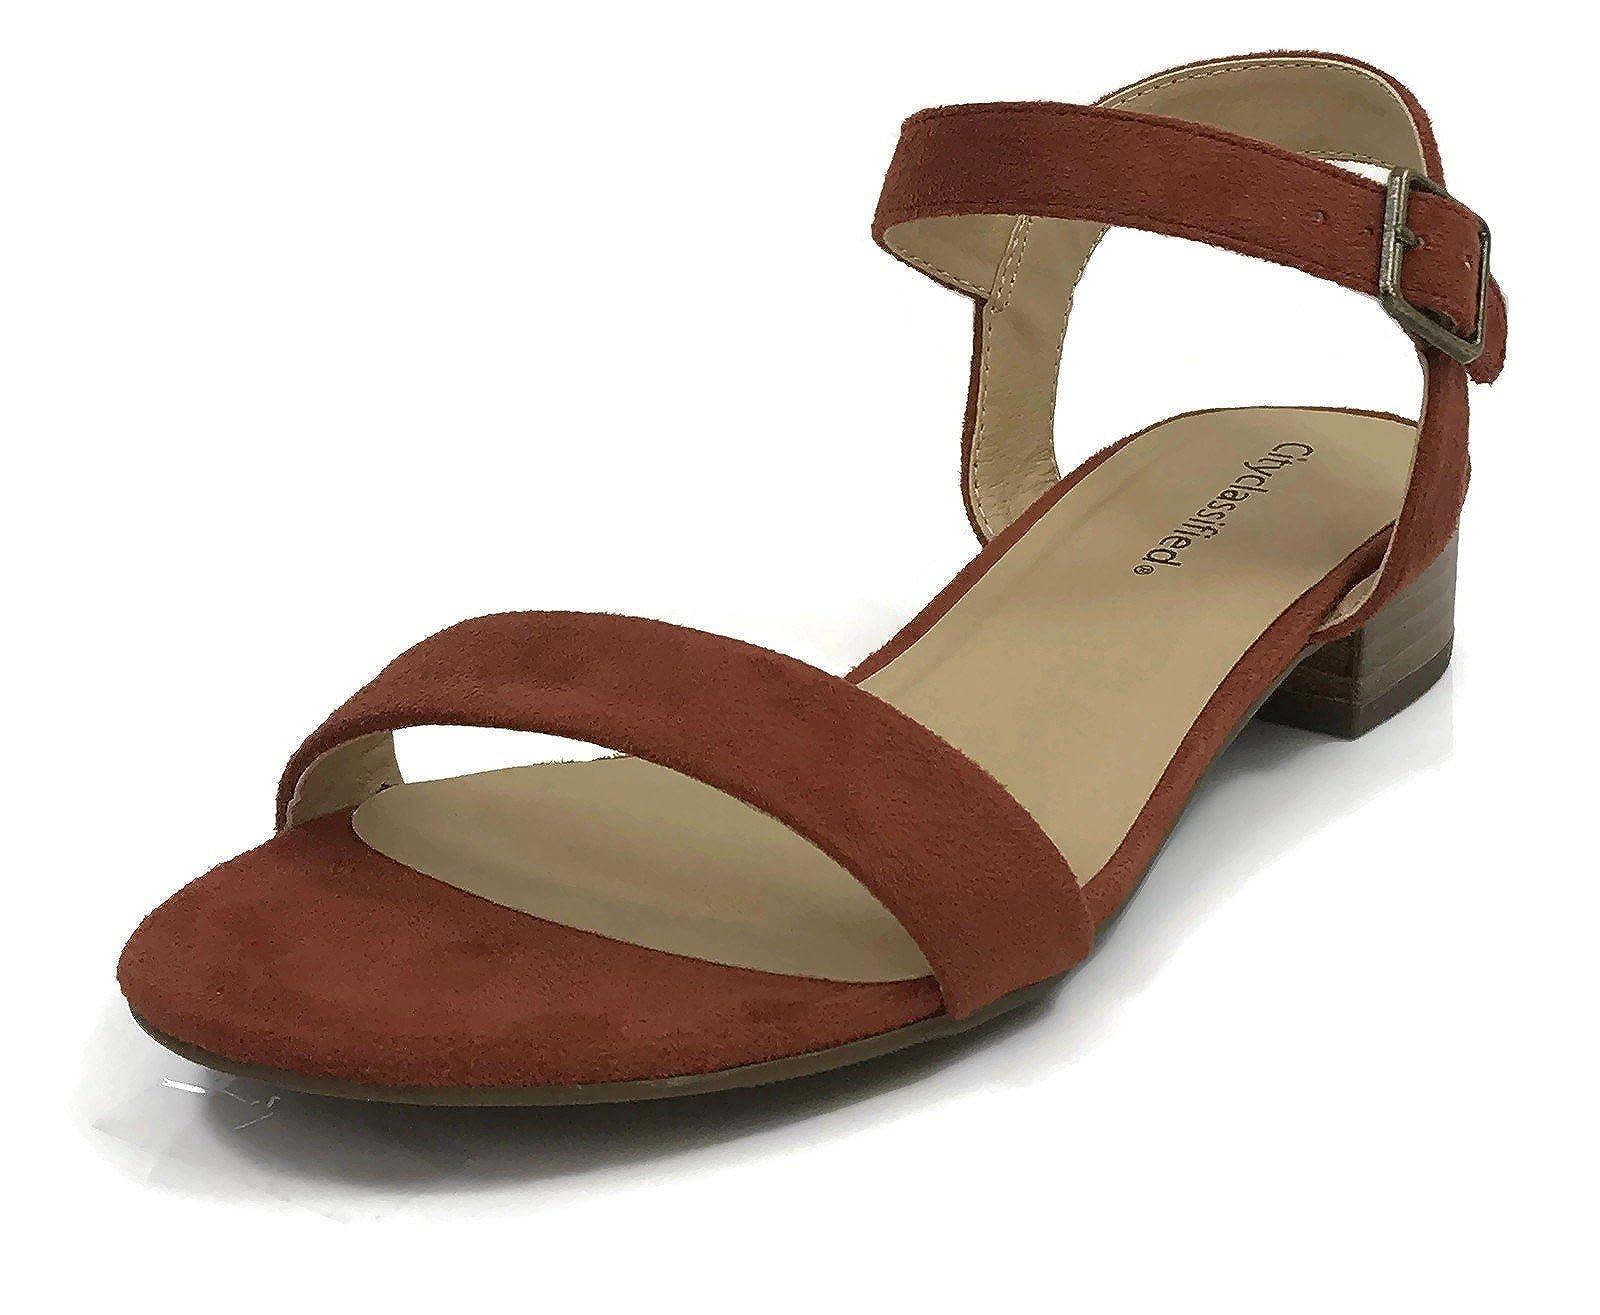 City Classified Women's Open Toe Ankle - 3